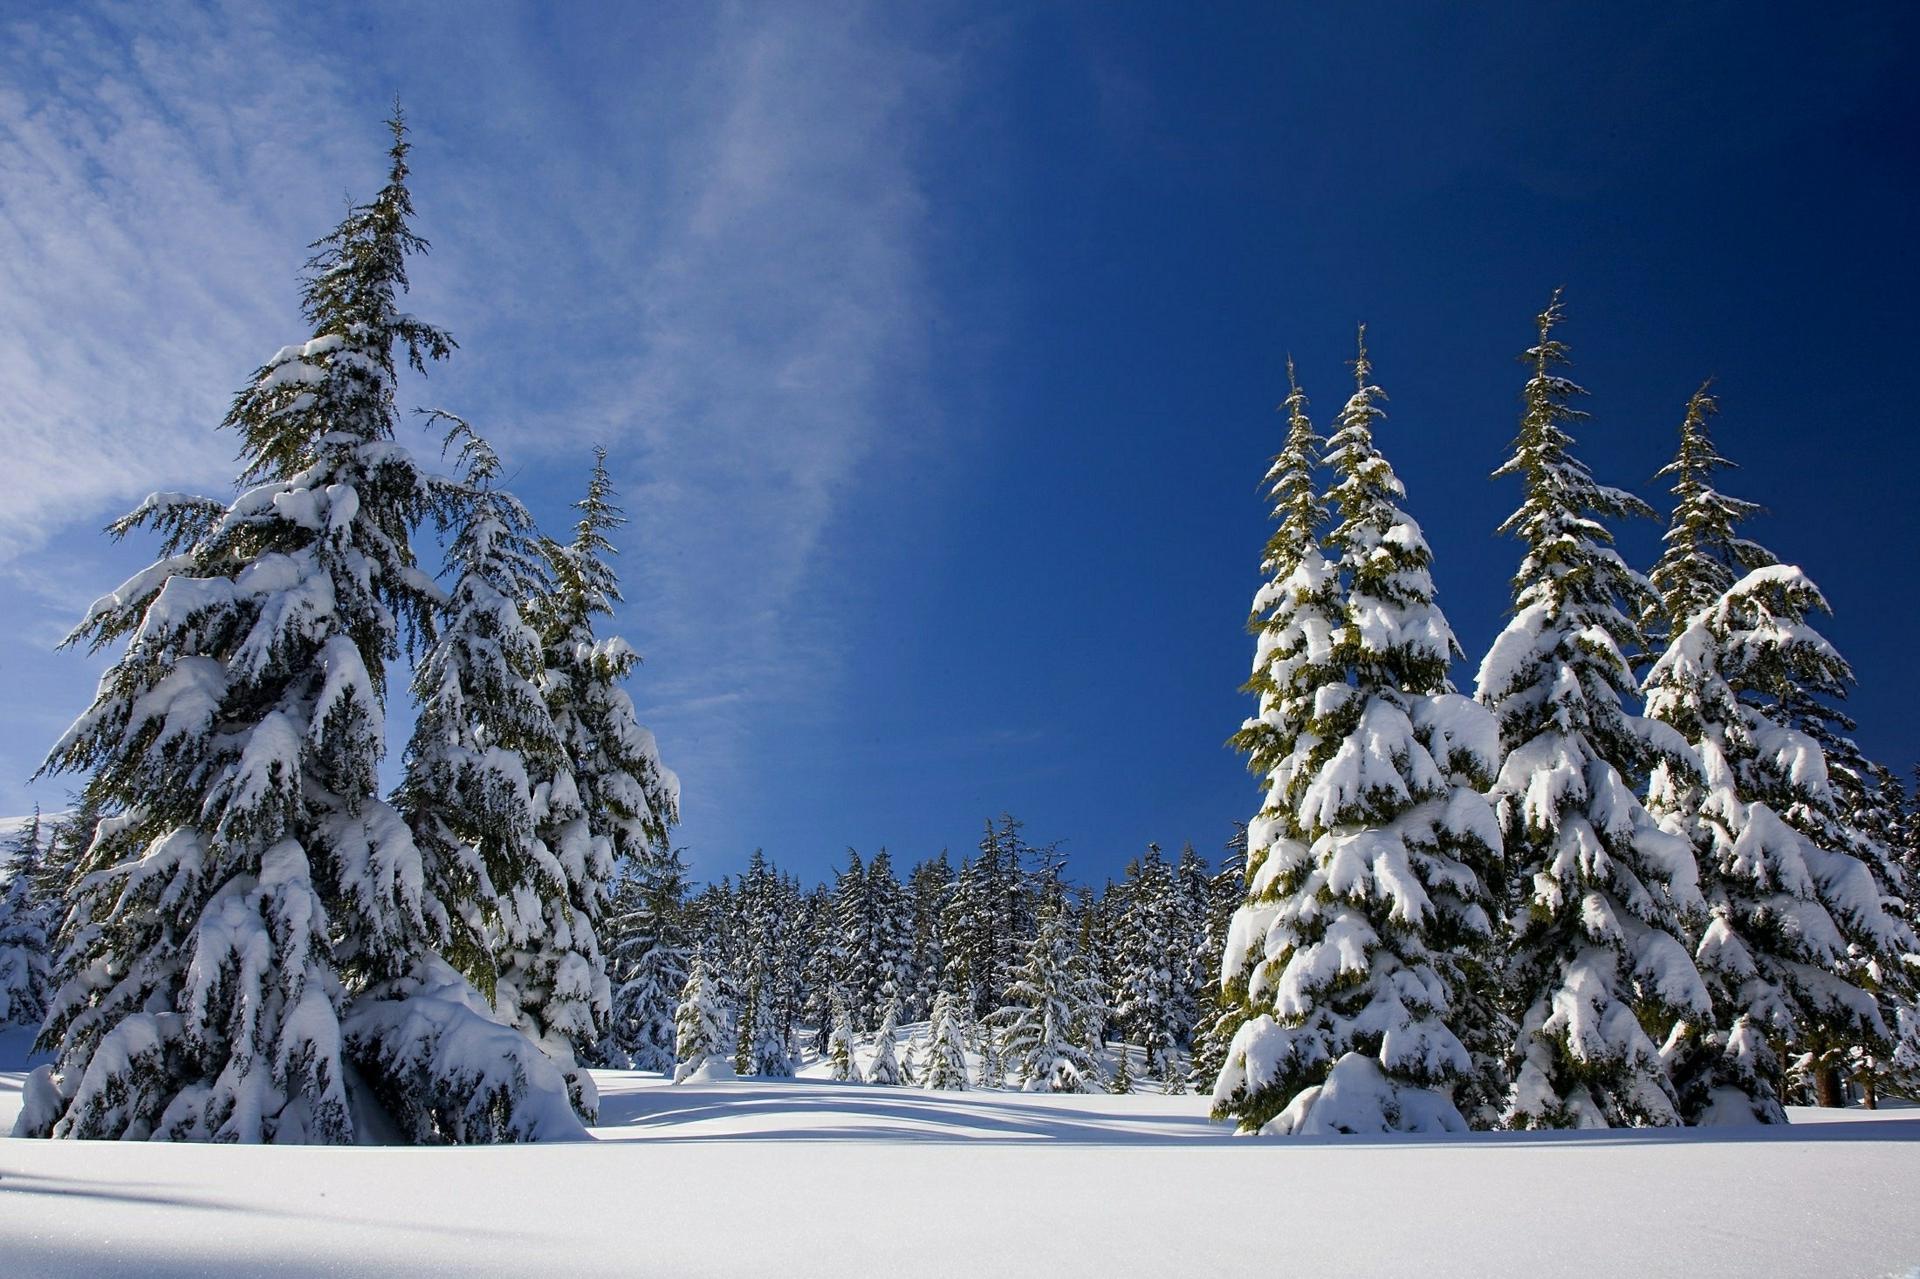 0138_冬天主题_冬天主题高清图01-cold-forest-ice-259708_2200x1466PX_TIF_72DPI_9.4_0_sdxco.cn